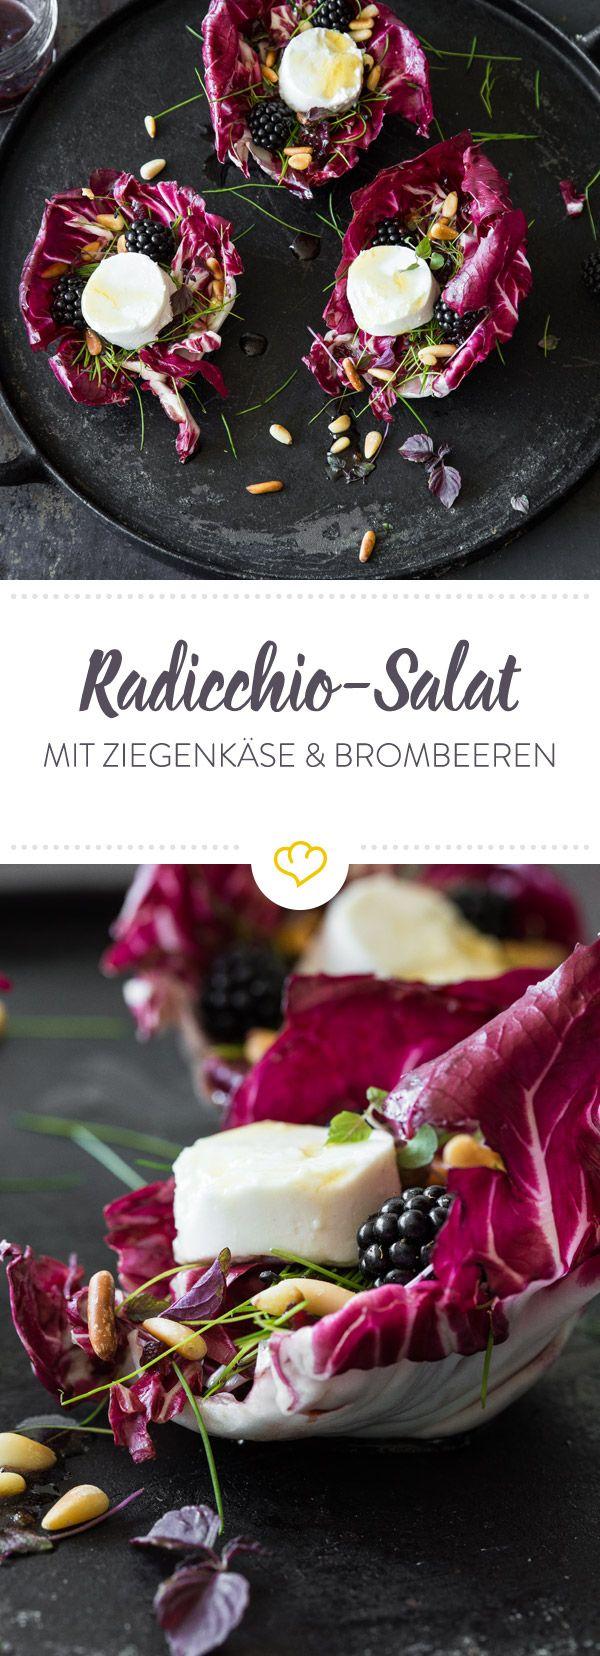 Rot wie herber Radicchio. Schwarz wie süße Beeren. Weiß wie ein cremig-würziger Ziegenkäsetaler. Dieser Schneewittchen-Salat wird dich verzaubern.